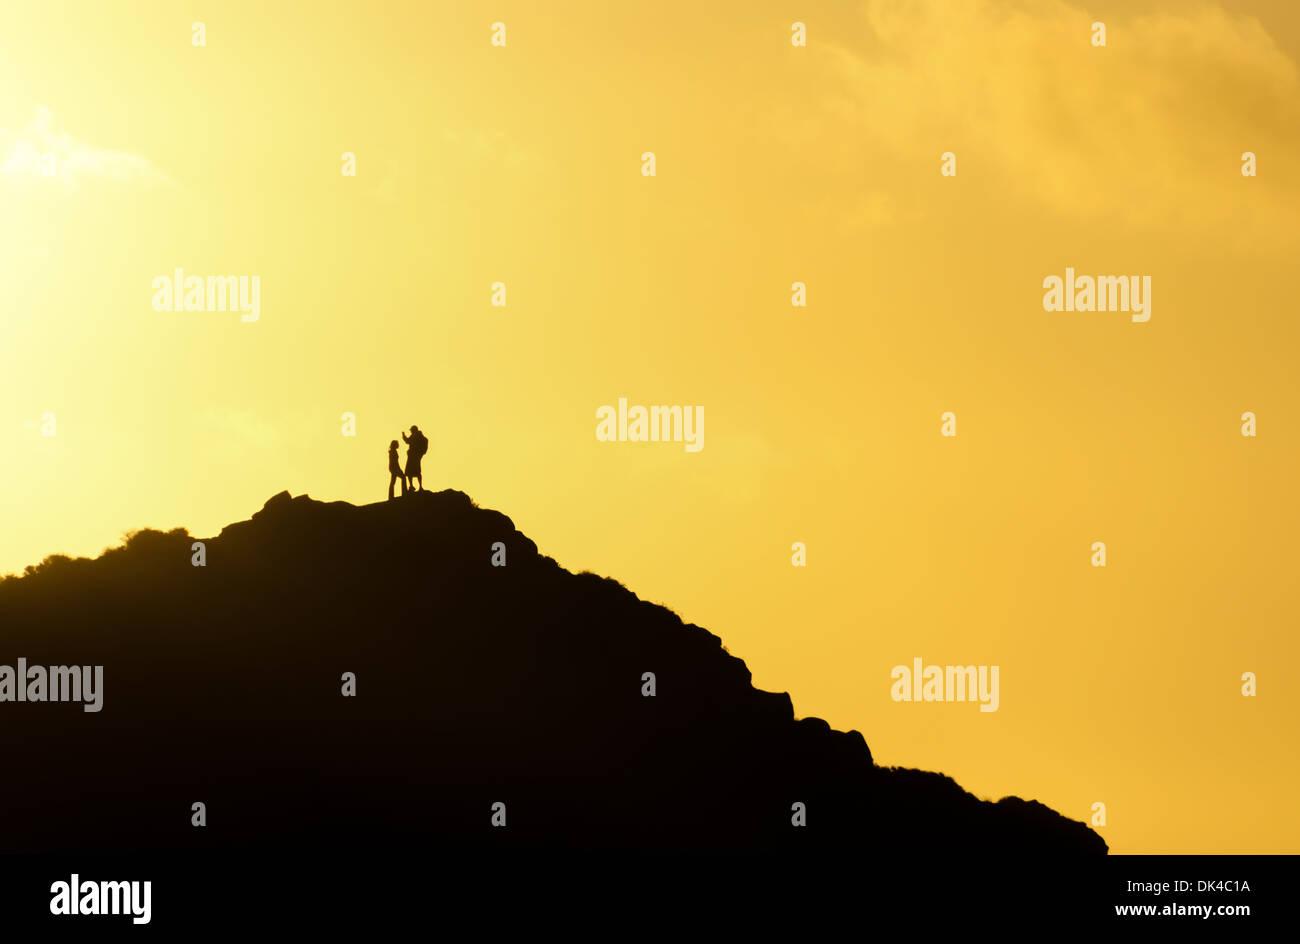 Love Scenes Stockfotos & Love Scenes Bilder - Alamy